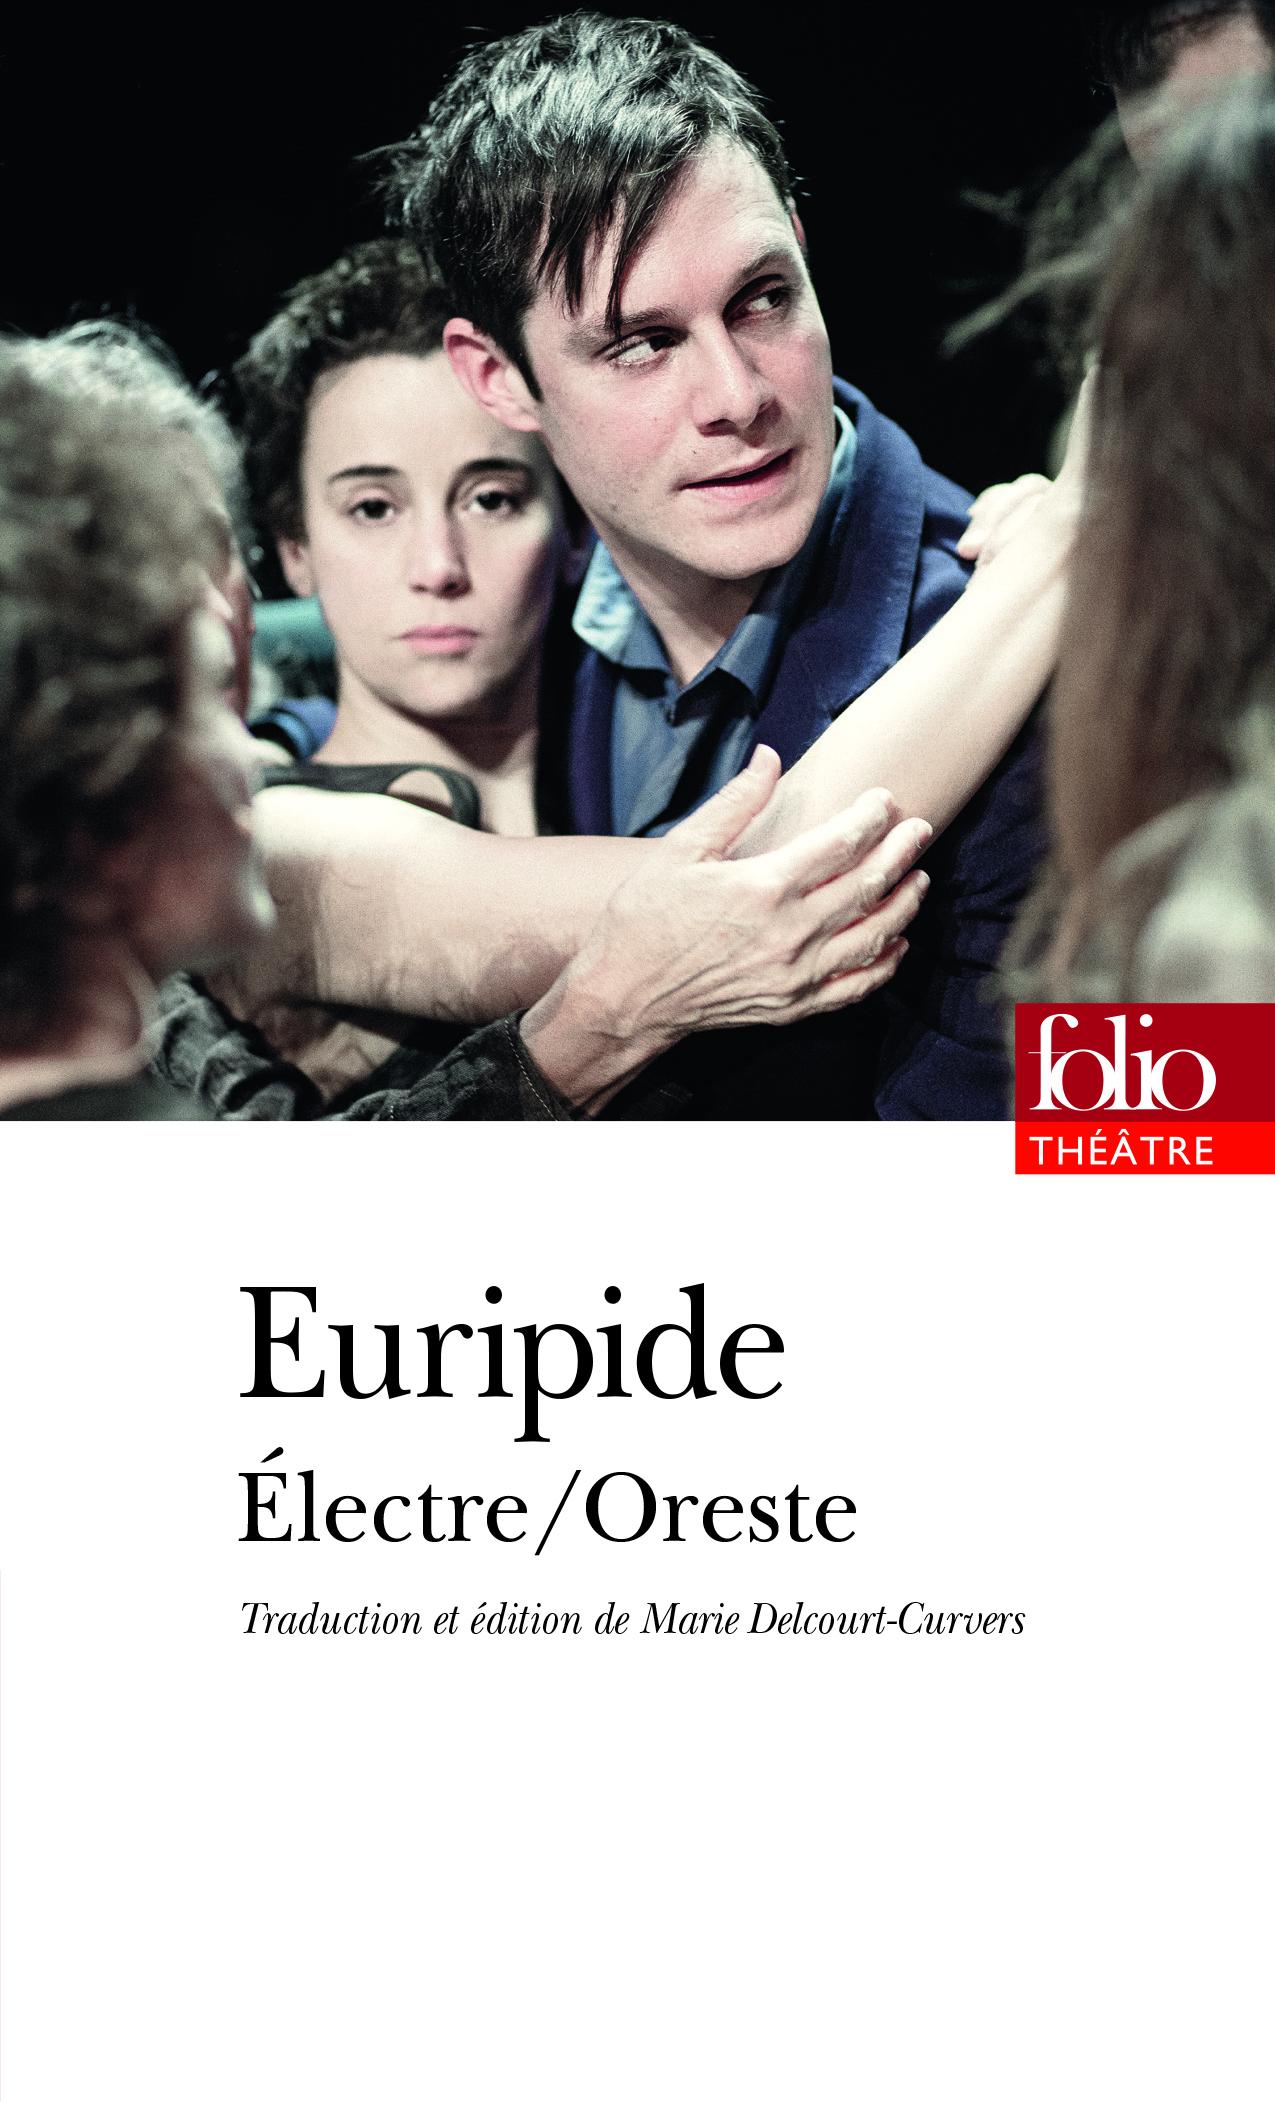 Euripide,Électre.Oreste (éd. M.Delcourt-Curvers, Folio théâtre)